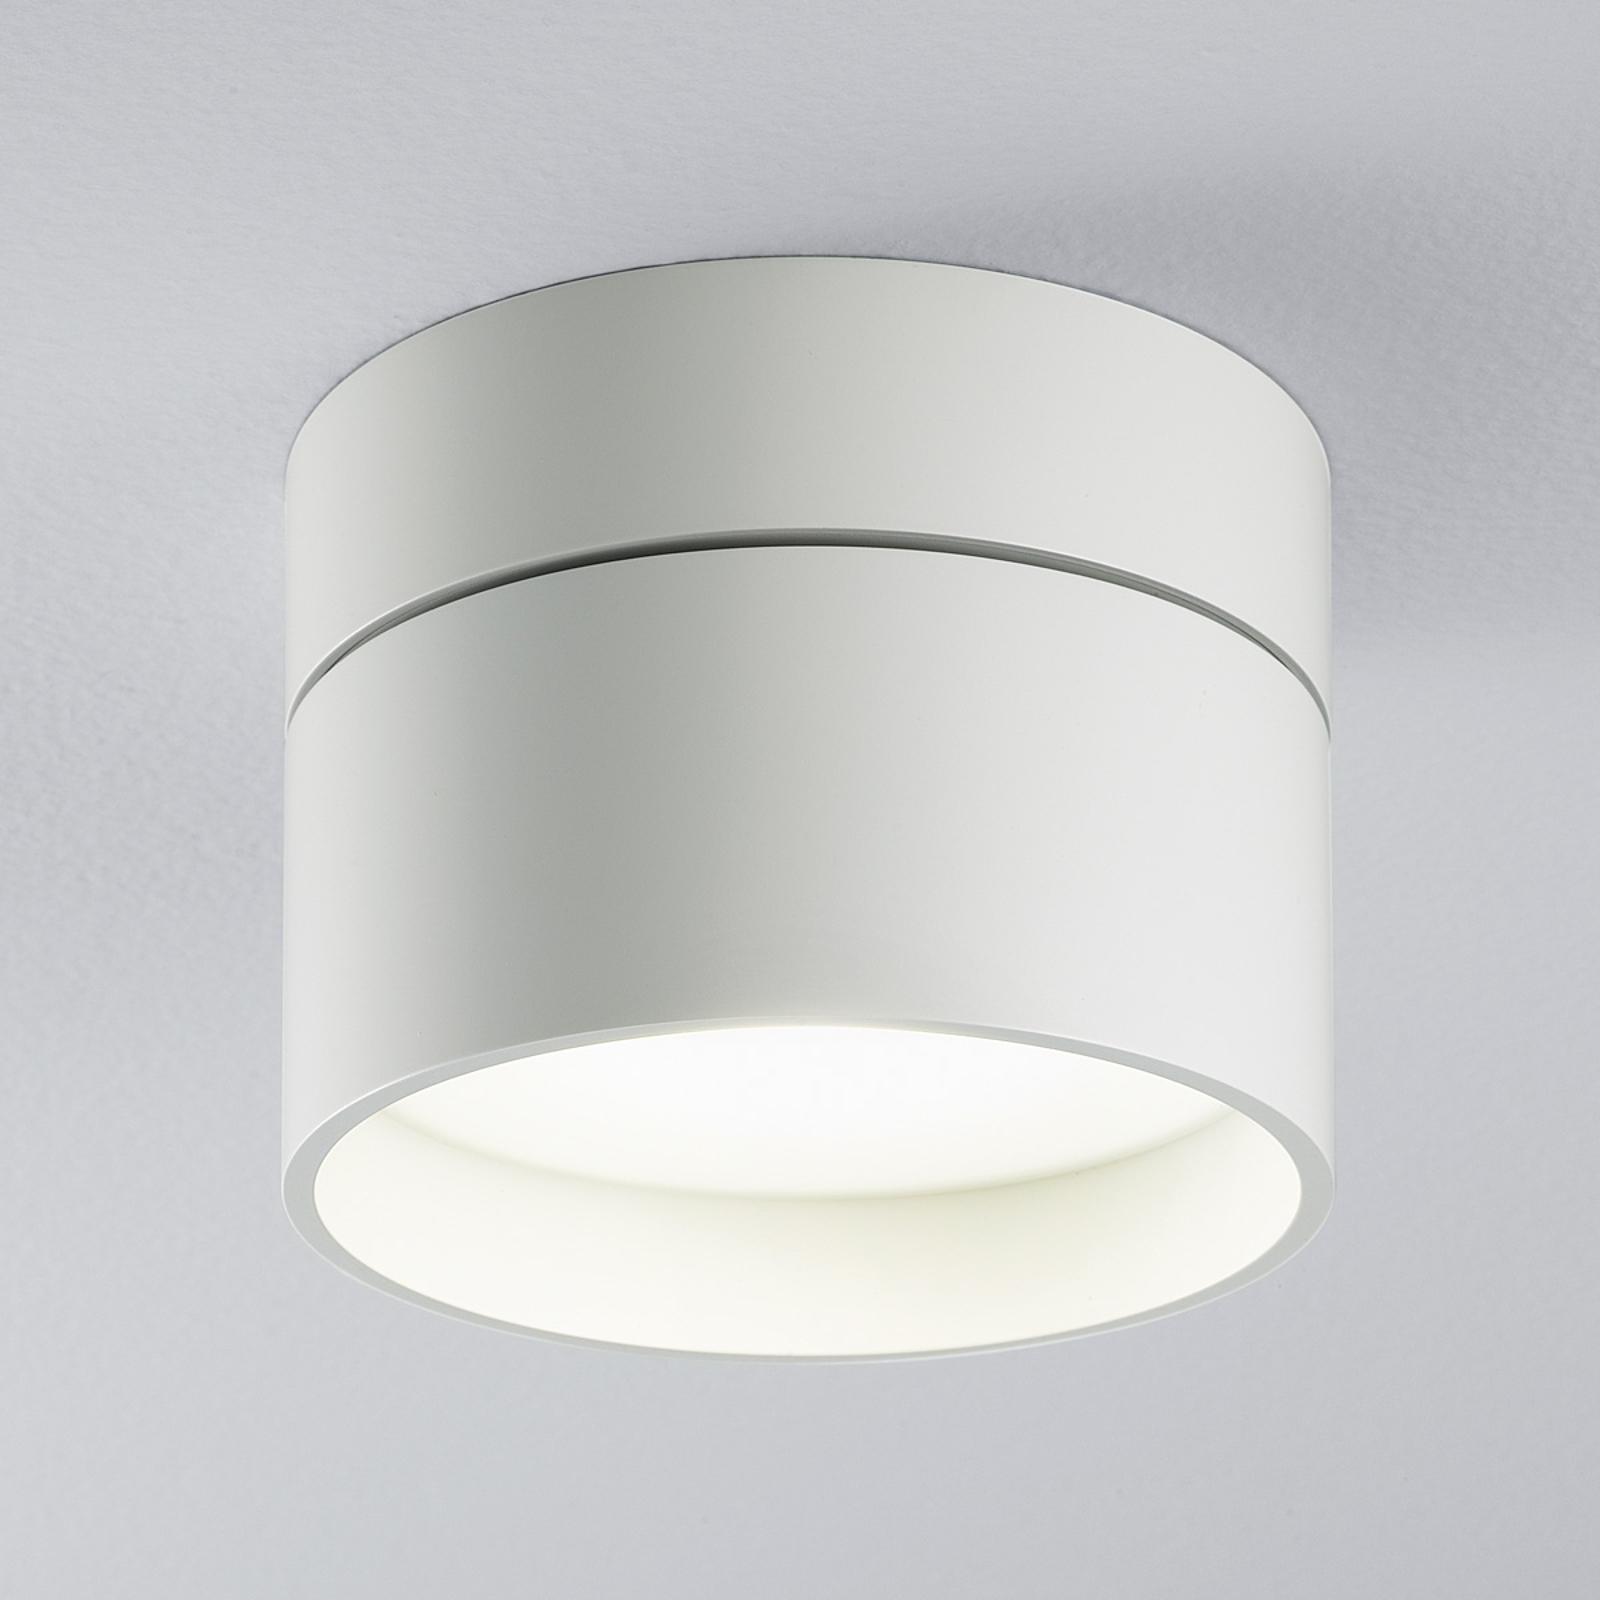 LED-Deckenleuchte Piper, 11 cm